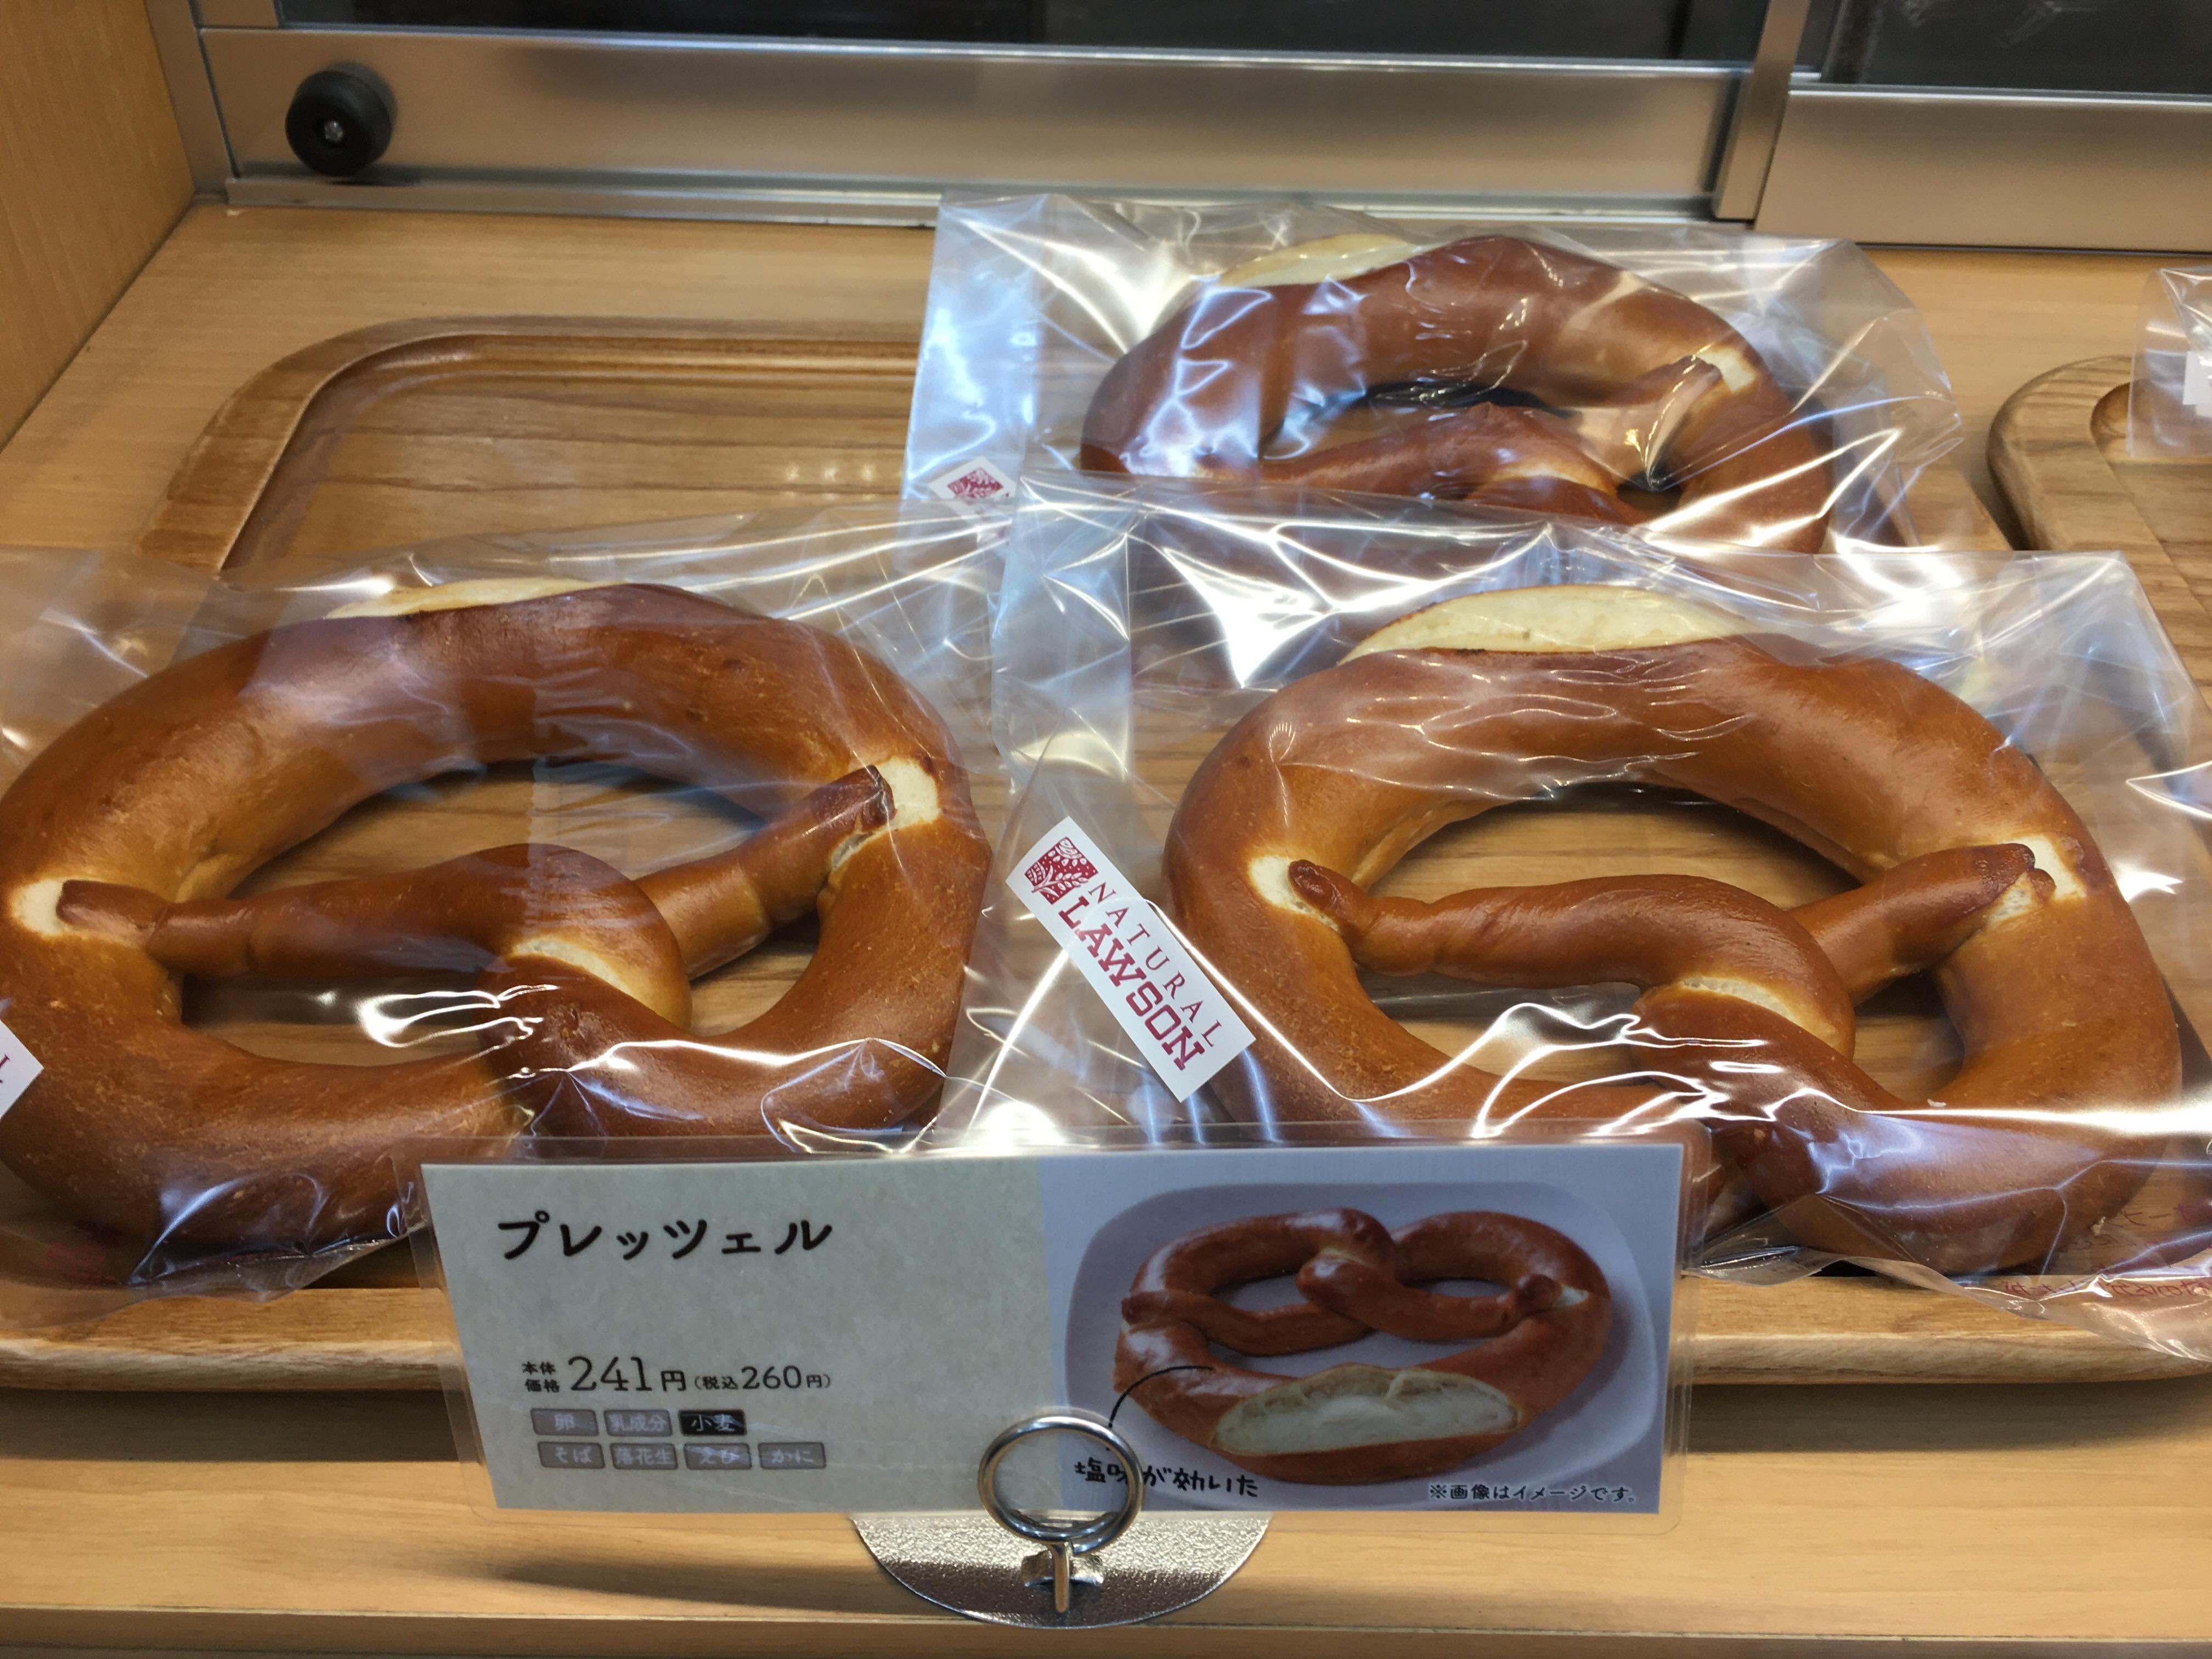 Natural Lawson pretzel